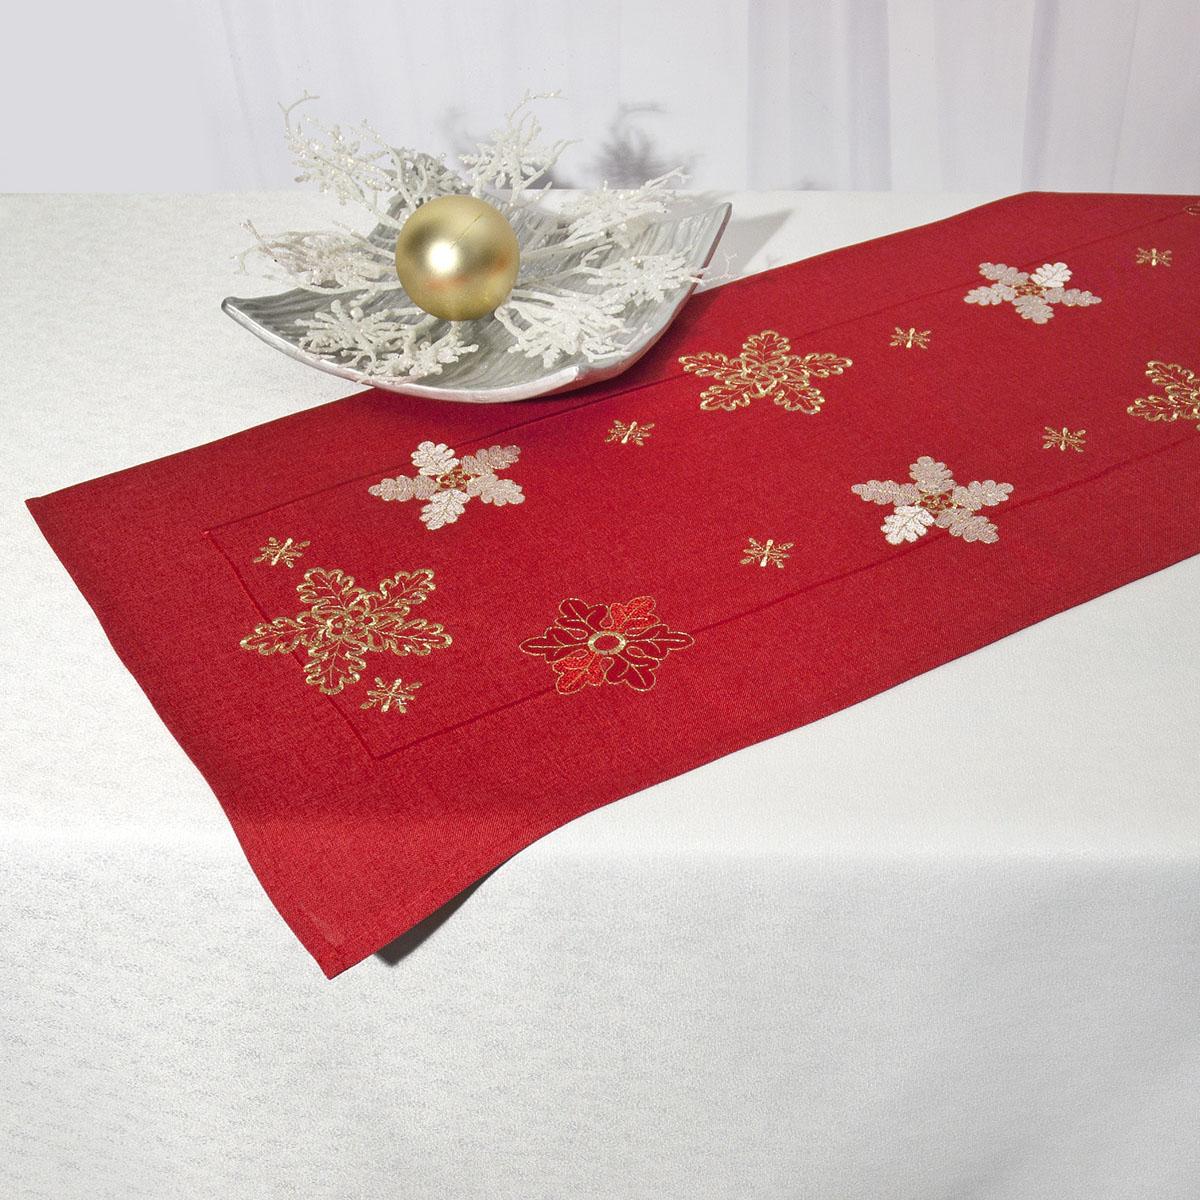 Дорожка для декорирования стола Schaefer, прямоугольная, цвет: красный, 40 x 110 см 07490-233115510Дорожка Schaefer выполнена из высококачественного полиэстера и украшена вышитым рисунком в виде снежинок. Вы можете использовать дорожку для декорирования стола, комода или журнального столика.Благодаря такой дорожке вы защитите поверхность мебели от воды, пятен и механических воздействий, а также создадите атмосферу уюта и домашнего тепла в интерьере вашей квартиры. Изделия из искусственных волокон легко стирать: они не мнутся, не садятся и быстро сохнут, они более долговечны, чем изделия из натуральных волокон. Изысканный текстиль от немецкой компании Schaefer - это красота, стиль и уют в вашем доме. Дорожка органично впишется в интерьер любого помещения, а оригинальный дизайн удовлетворит даже самый изысканный вкус. Дарите себе и близким красоту каждый день!